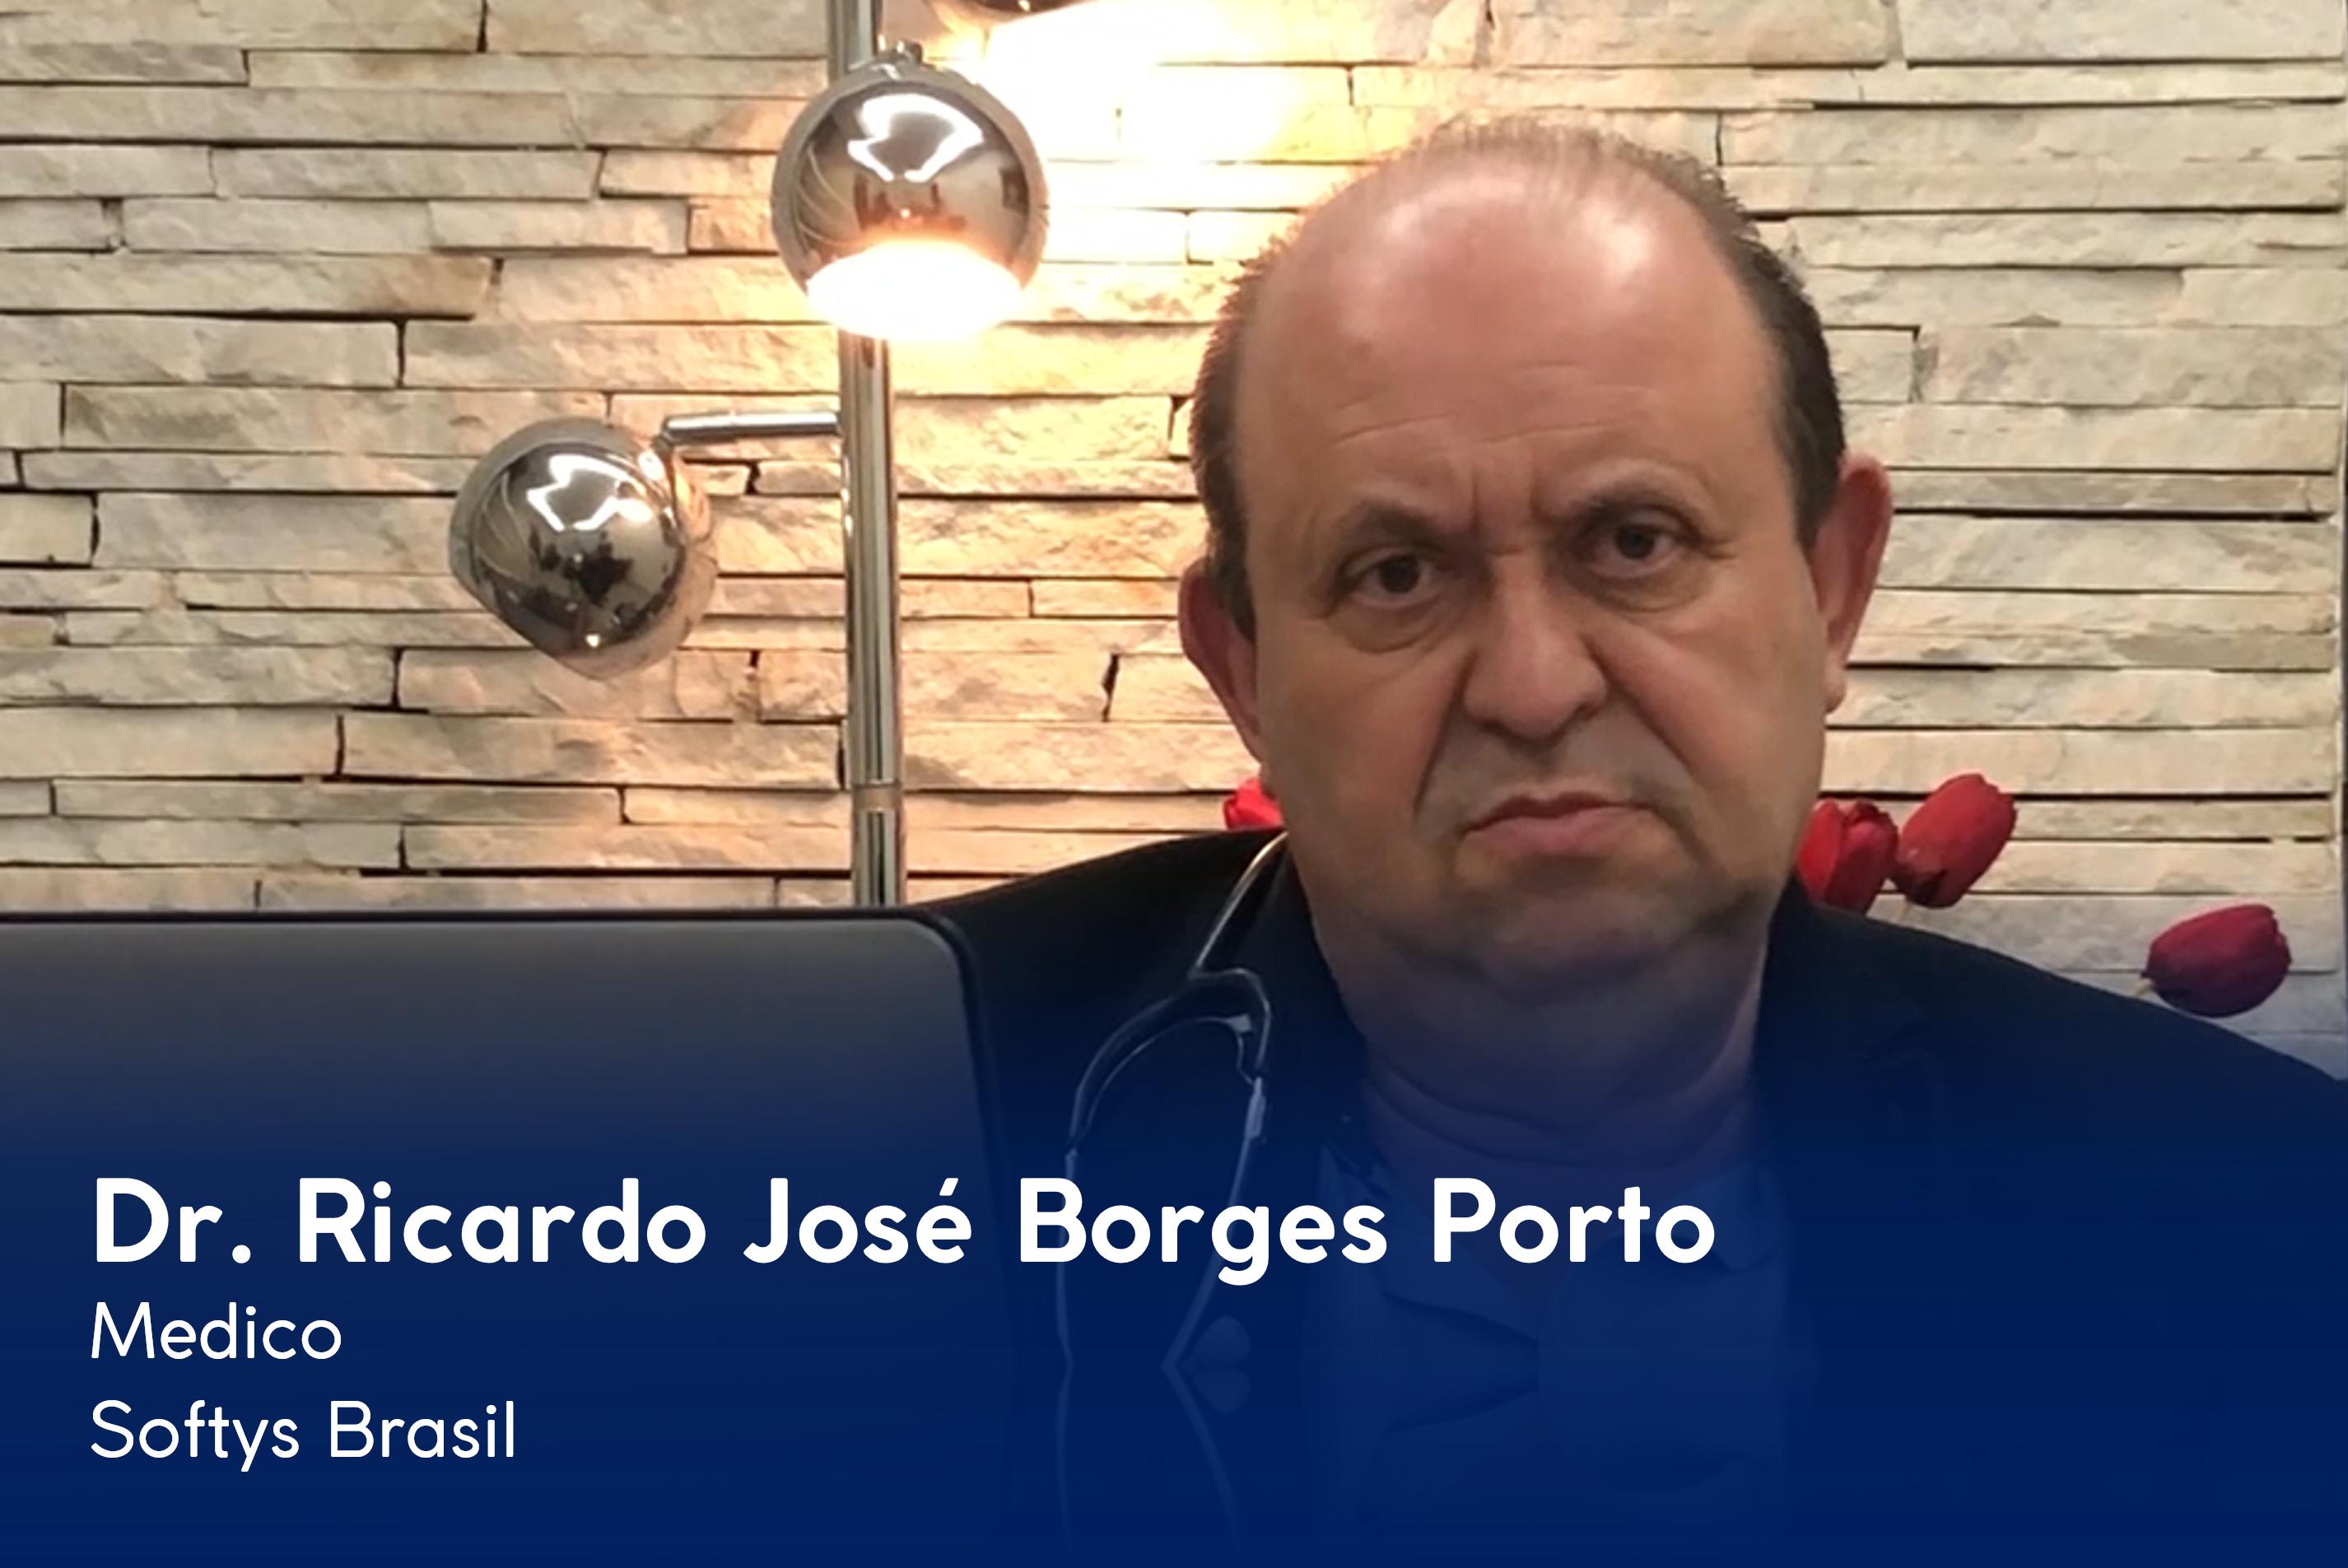 Elite Professional te cuida: Aprendiendo con el Dr. Borges